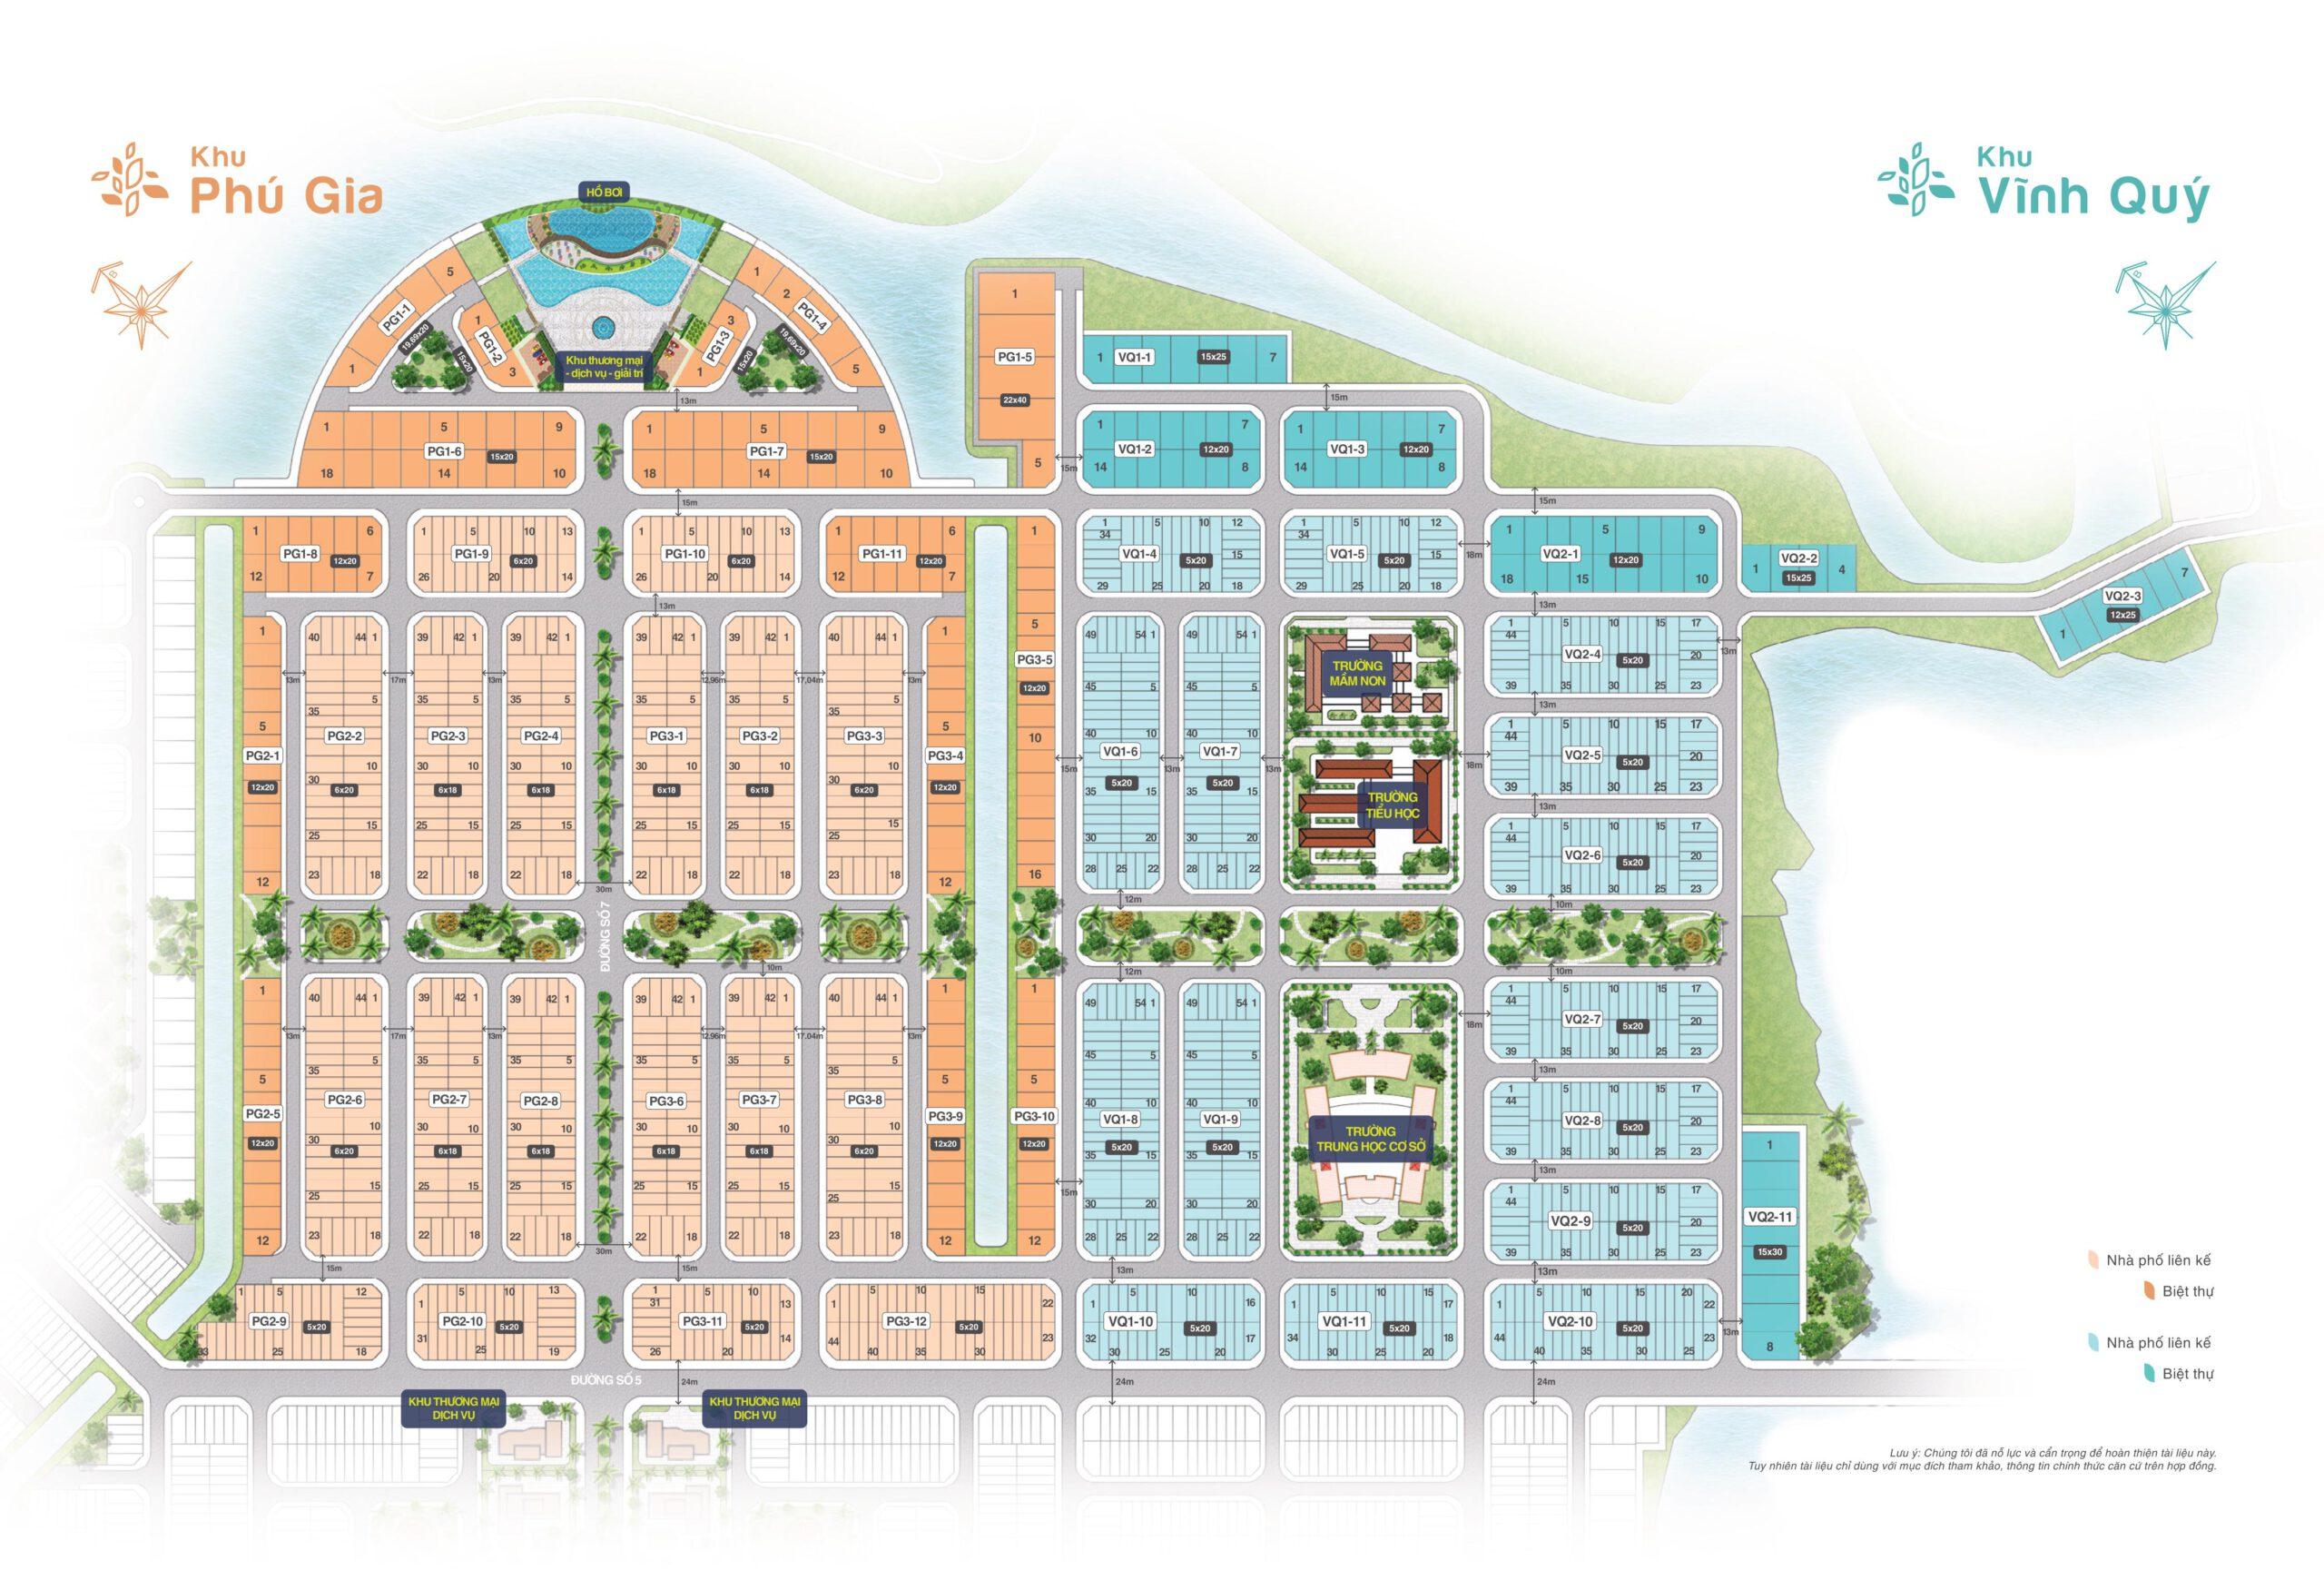 Mặt bằng khu Phú Gia và Vĩnh Quý Bien Hoa New City